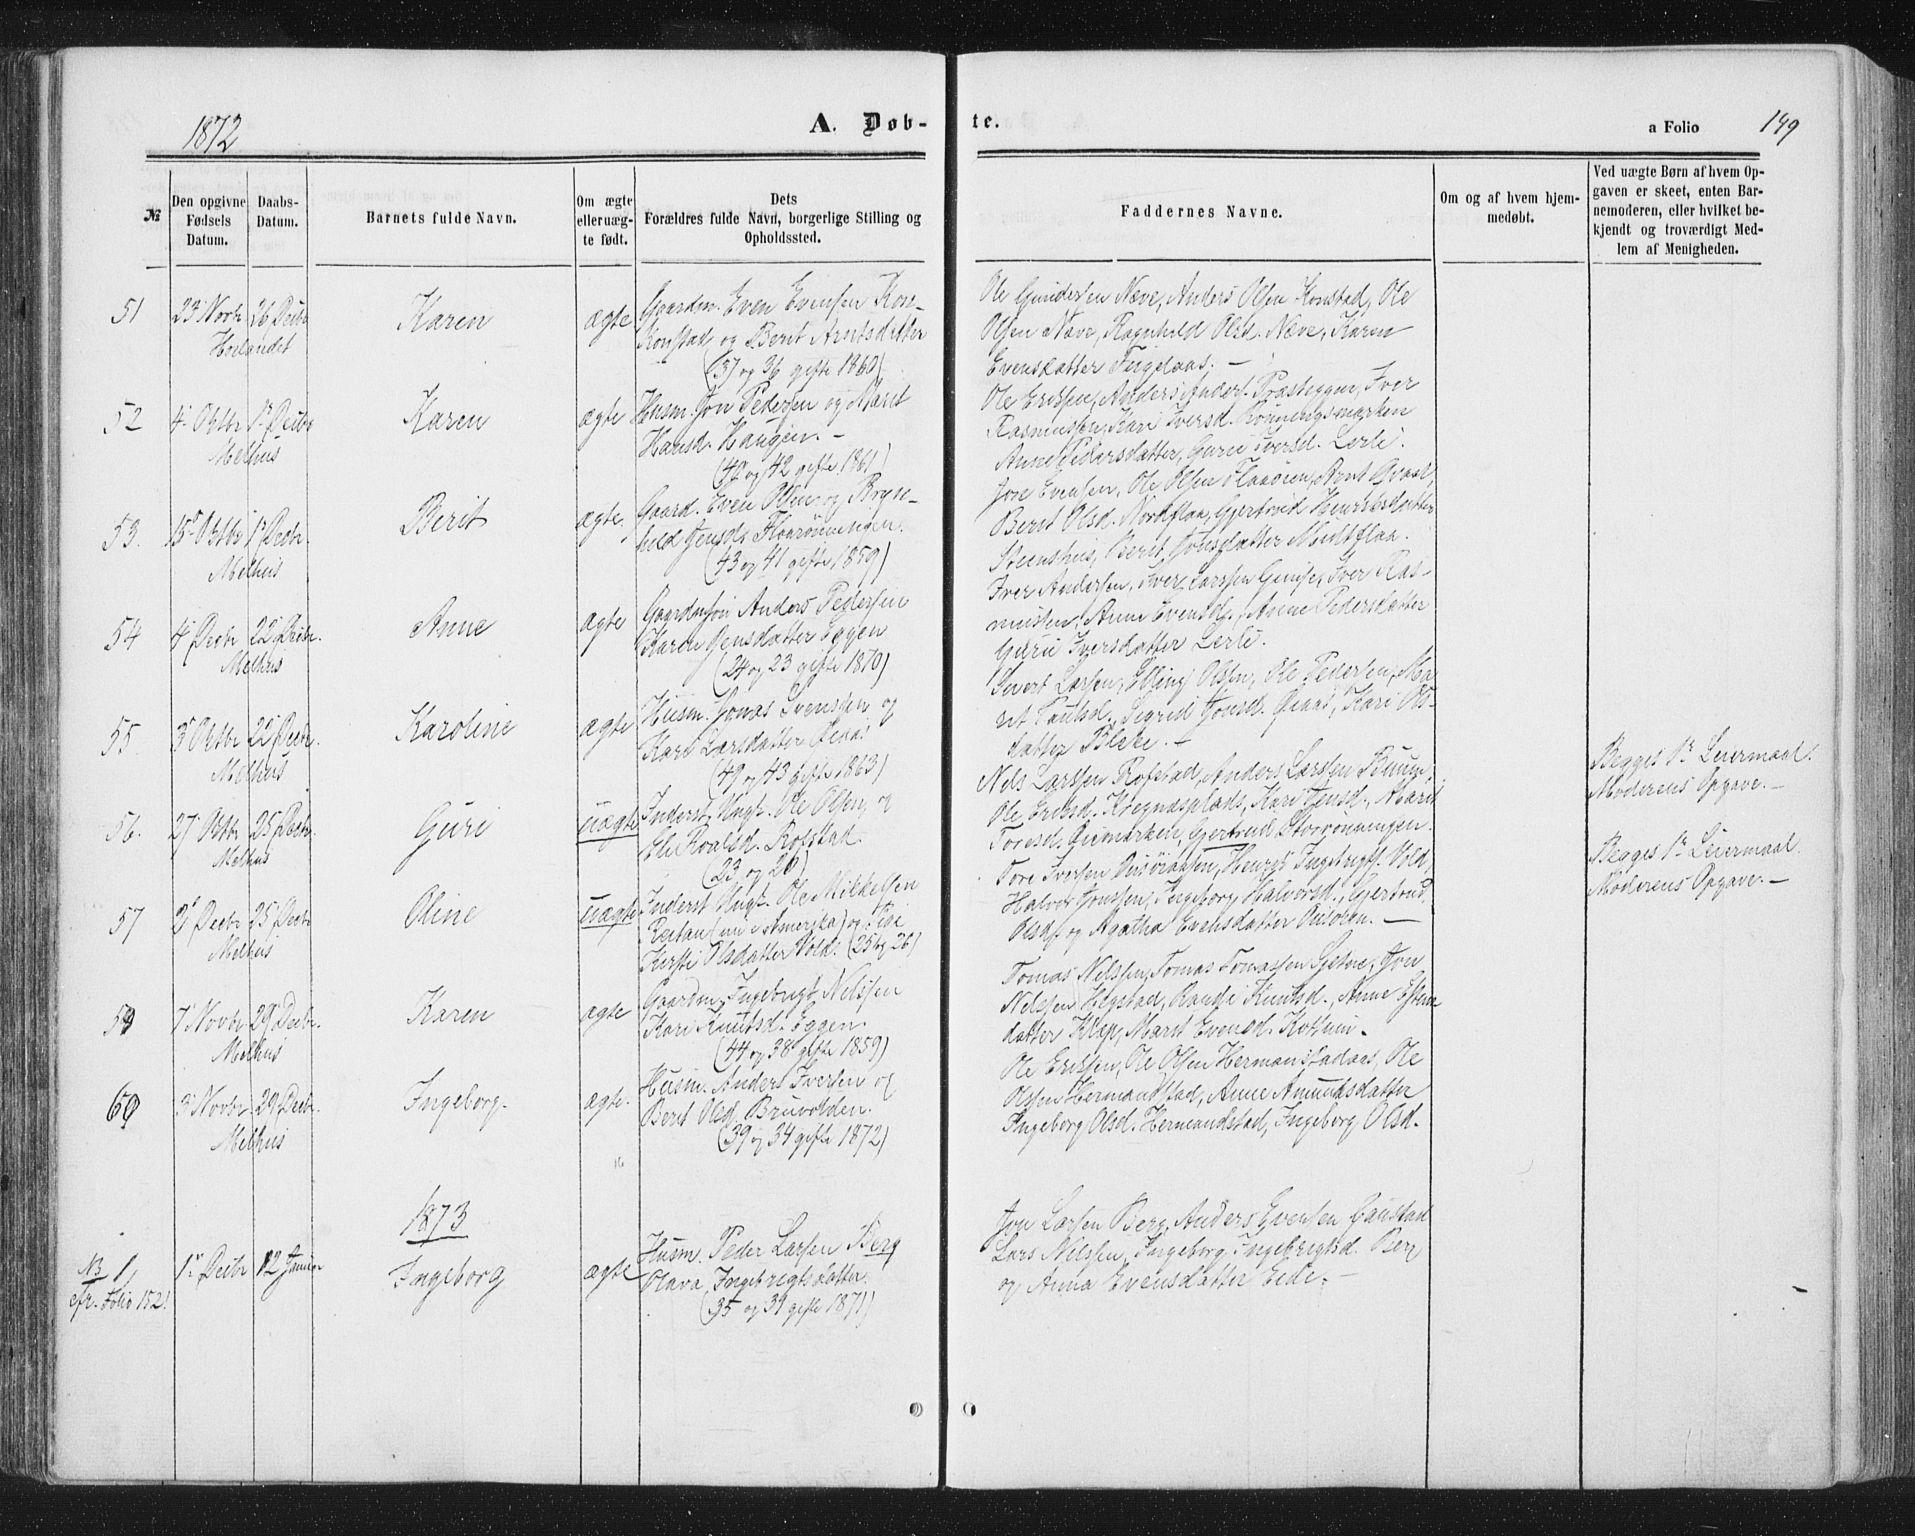 SAT, Ministerialprotokoller, klokkerbøker og fødselsregistre - Sør-Trøndelag, 691/L1077: Ministerialbok nr. 691A09, 1862-1873, s. 149